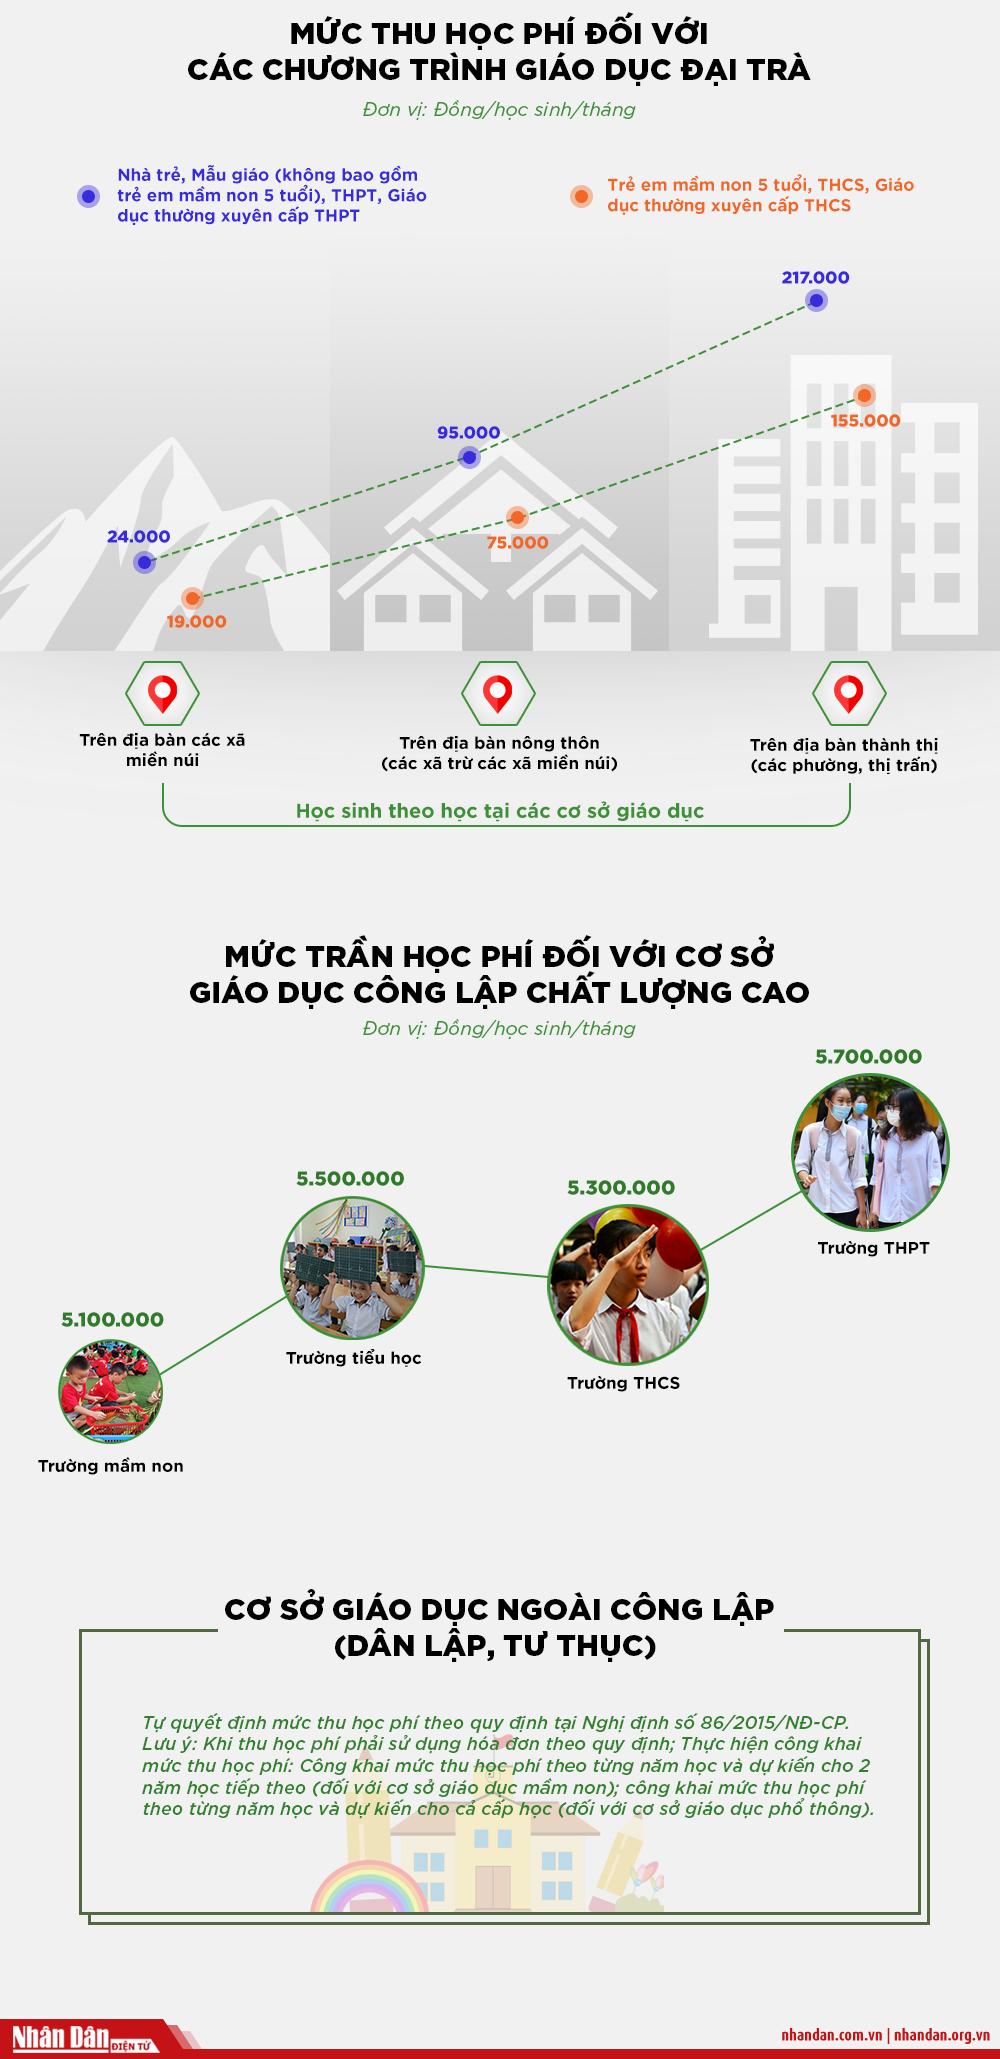 [Infographic] Mức thu học phí năm học 2020-2021 của Hà Nội -0